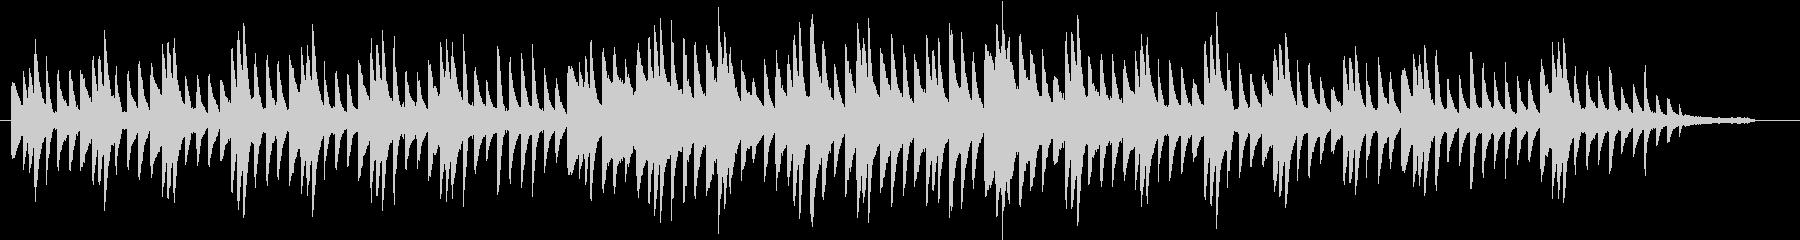 原風景のイメージのピアノ02の未再生の波形